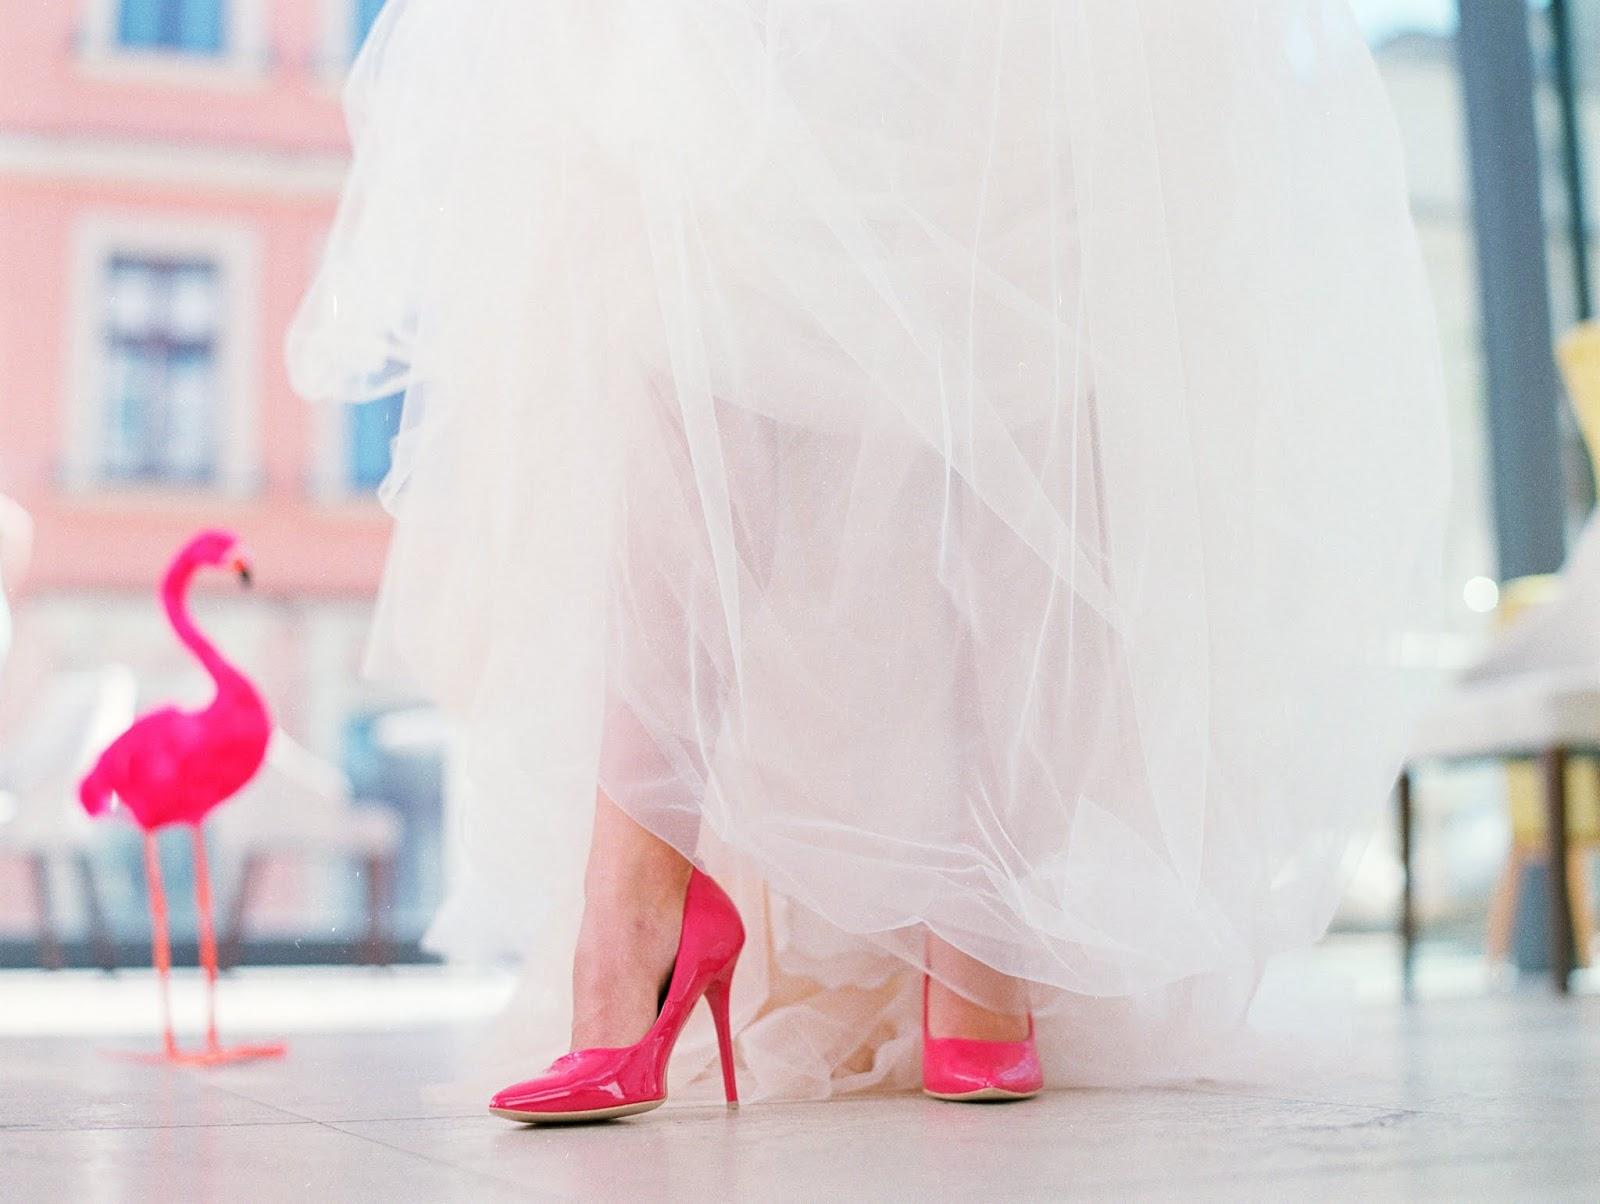 buty ślubne flamingowy róż